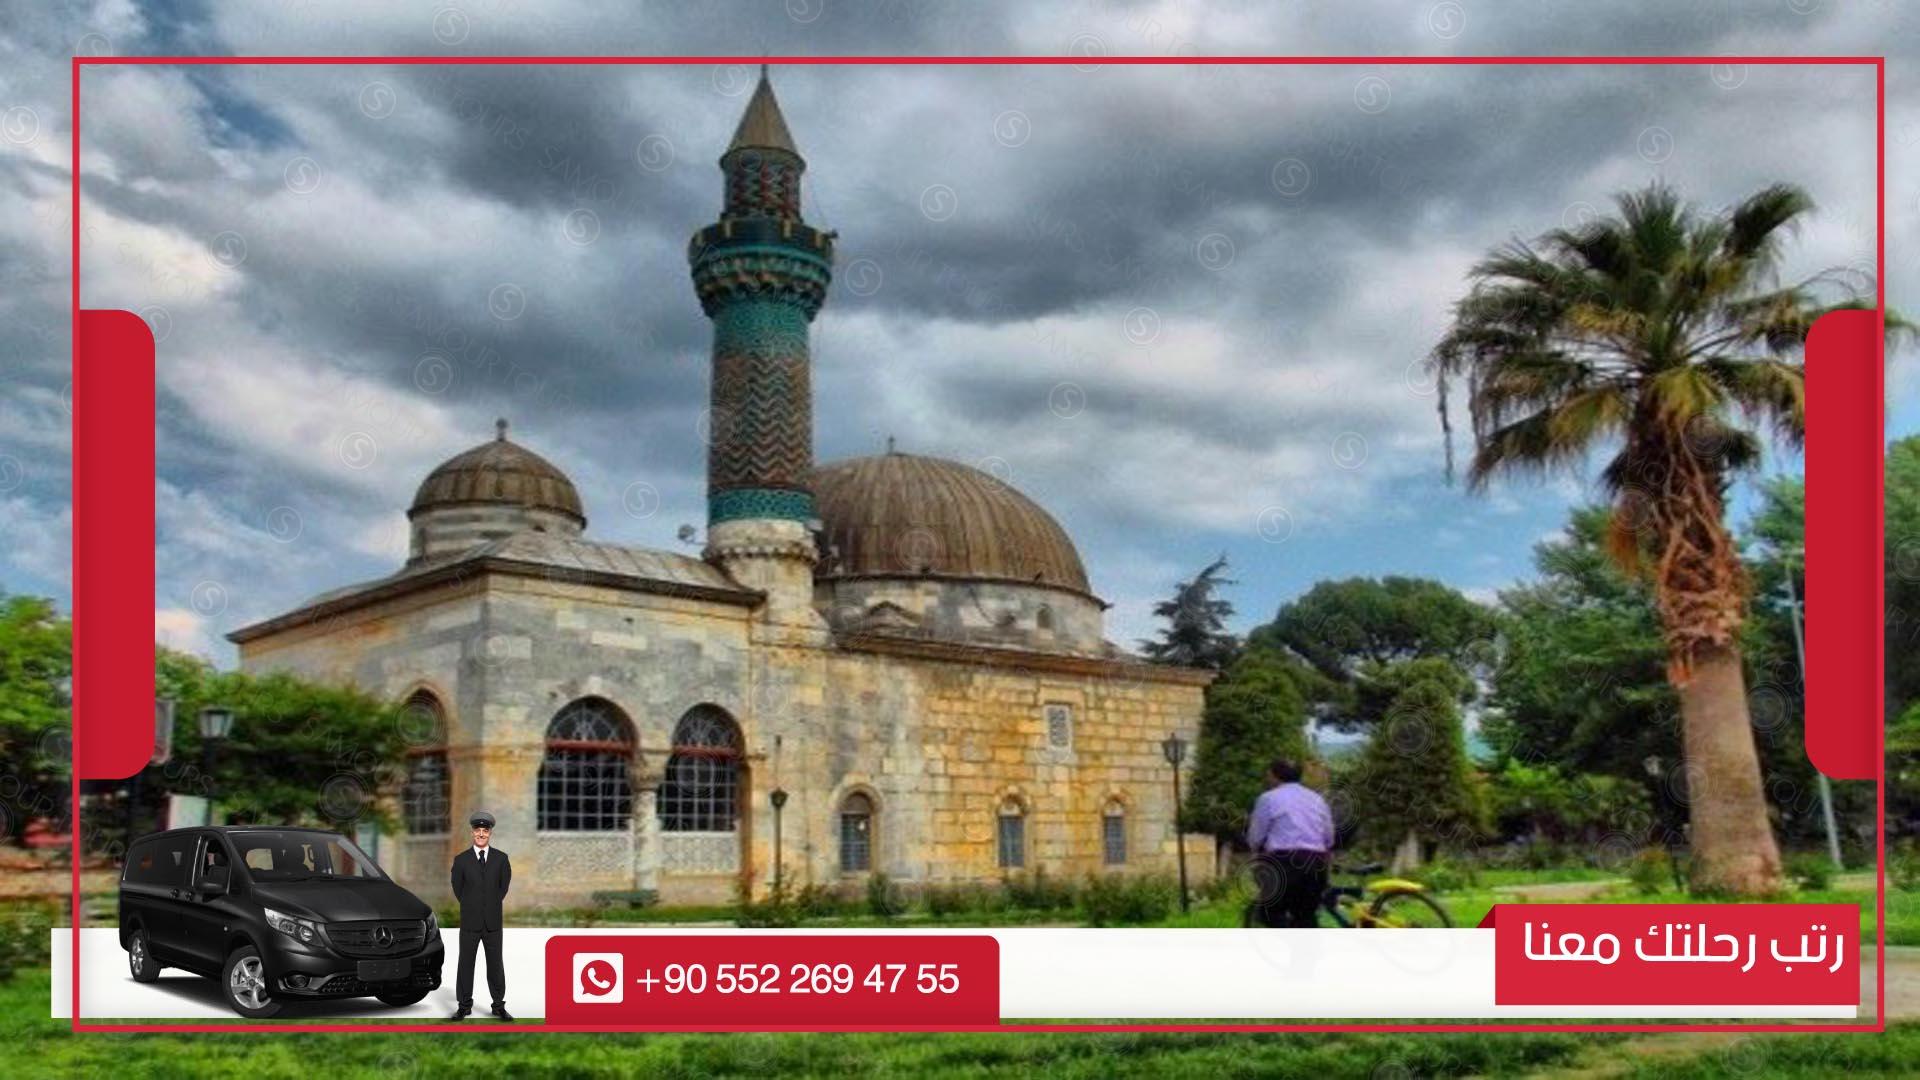 جولة مدينة بورصة من اسطنبول